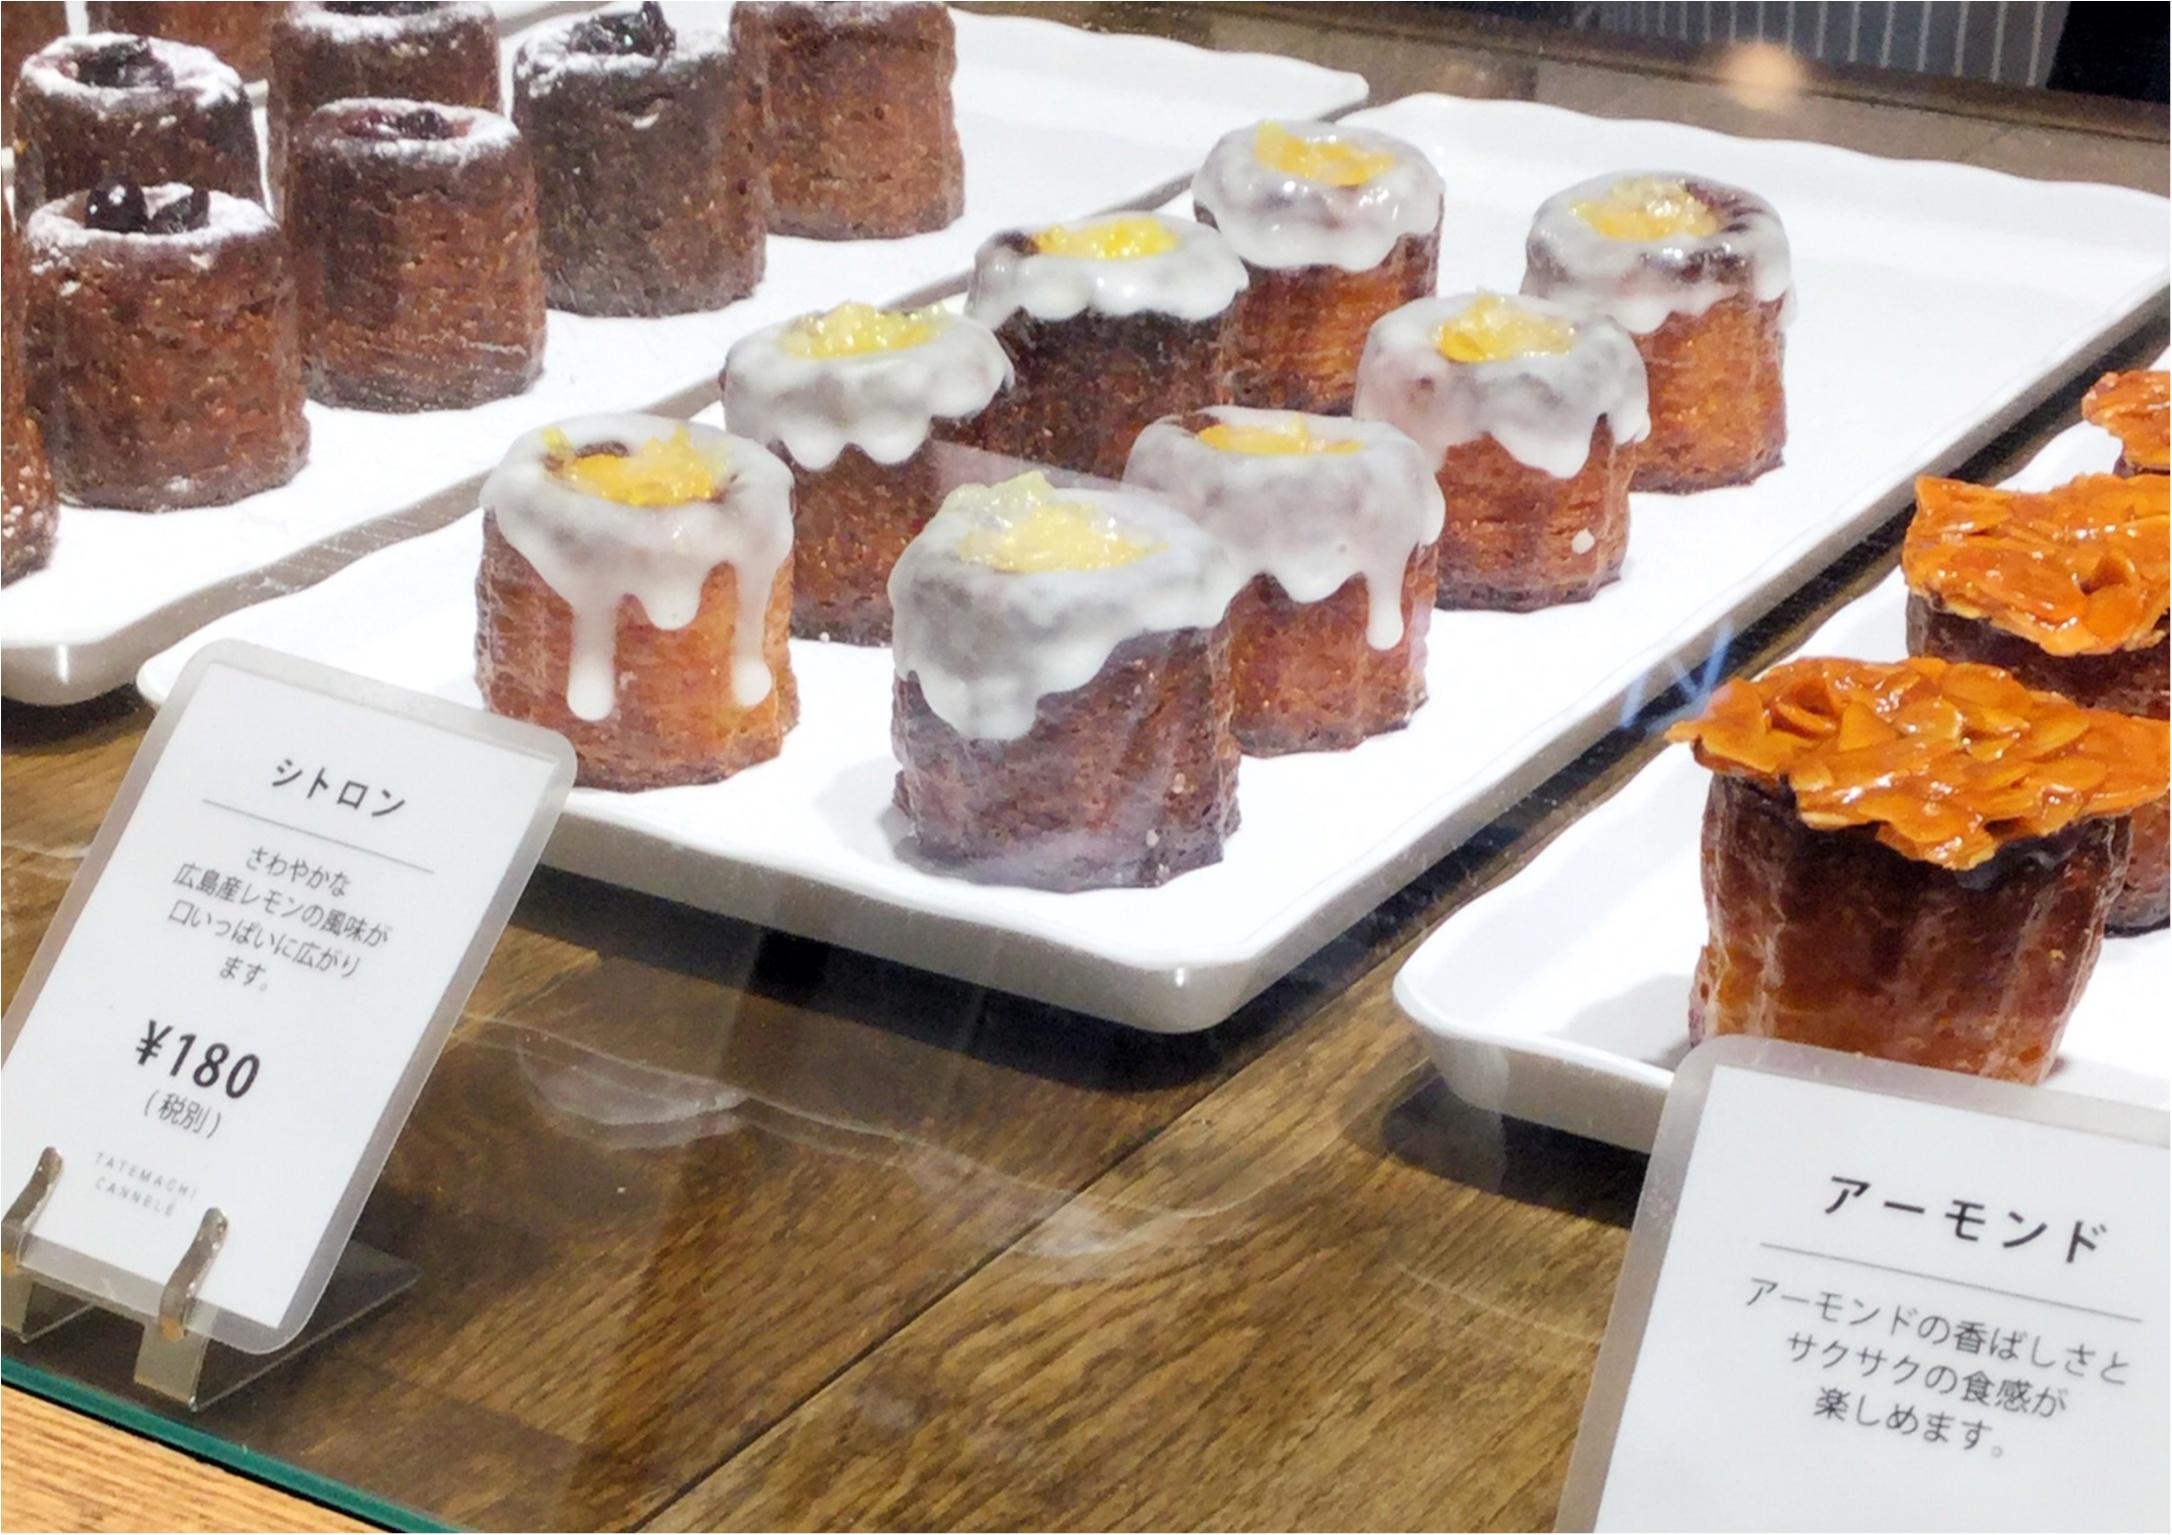 広島のおしゃれなお土産特集《2019年》- 人気の定番土産から話題のチョコ、スタバの限定タンブラーも!_40